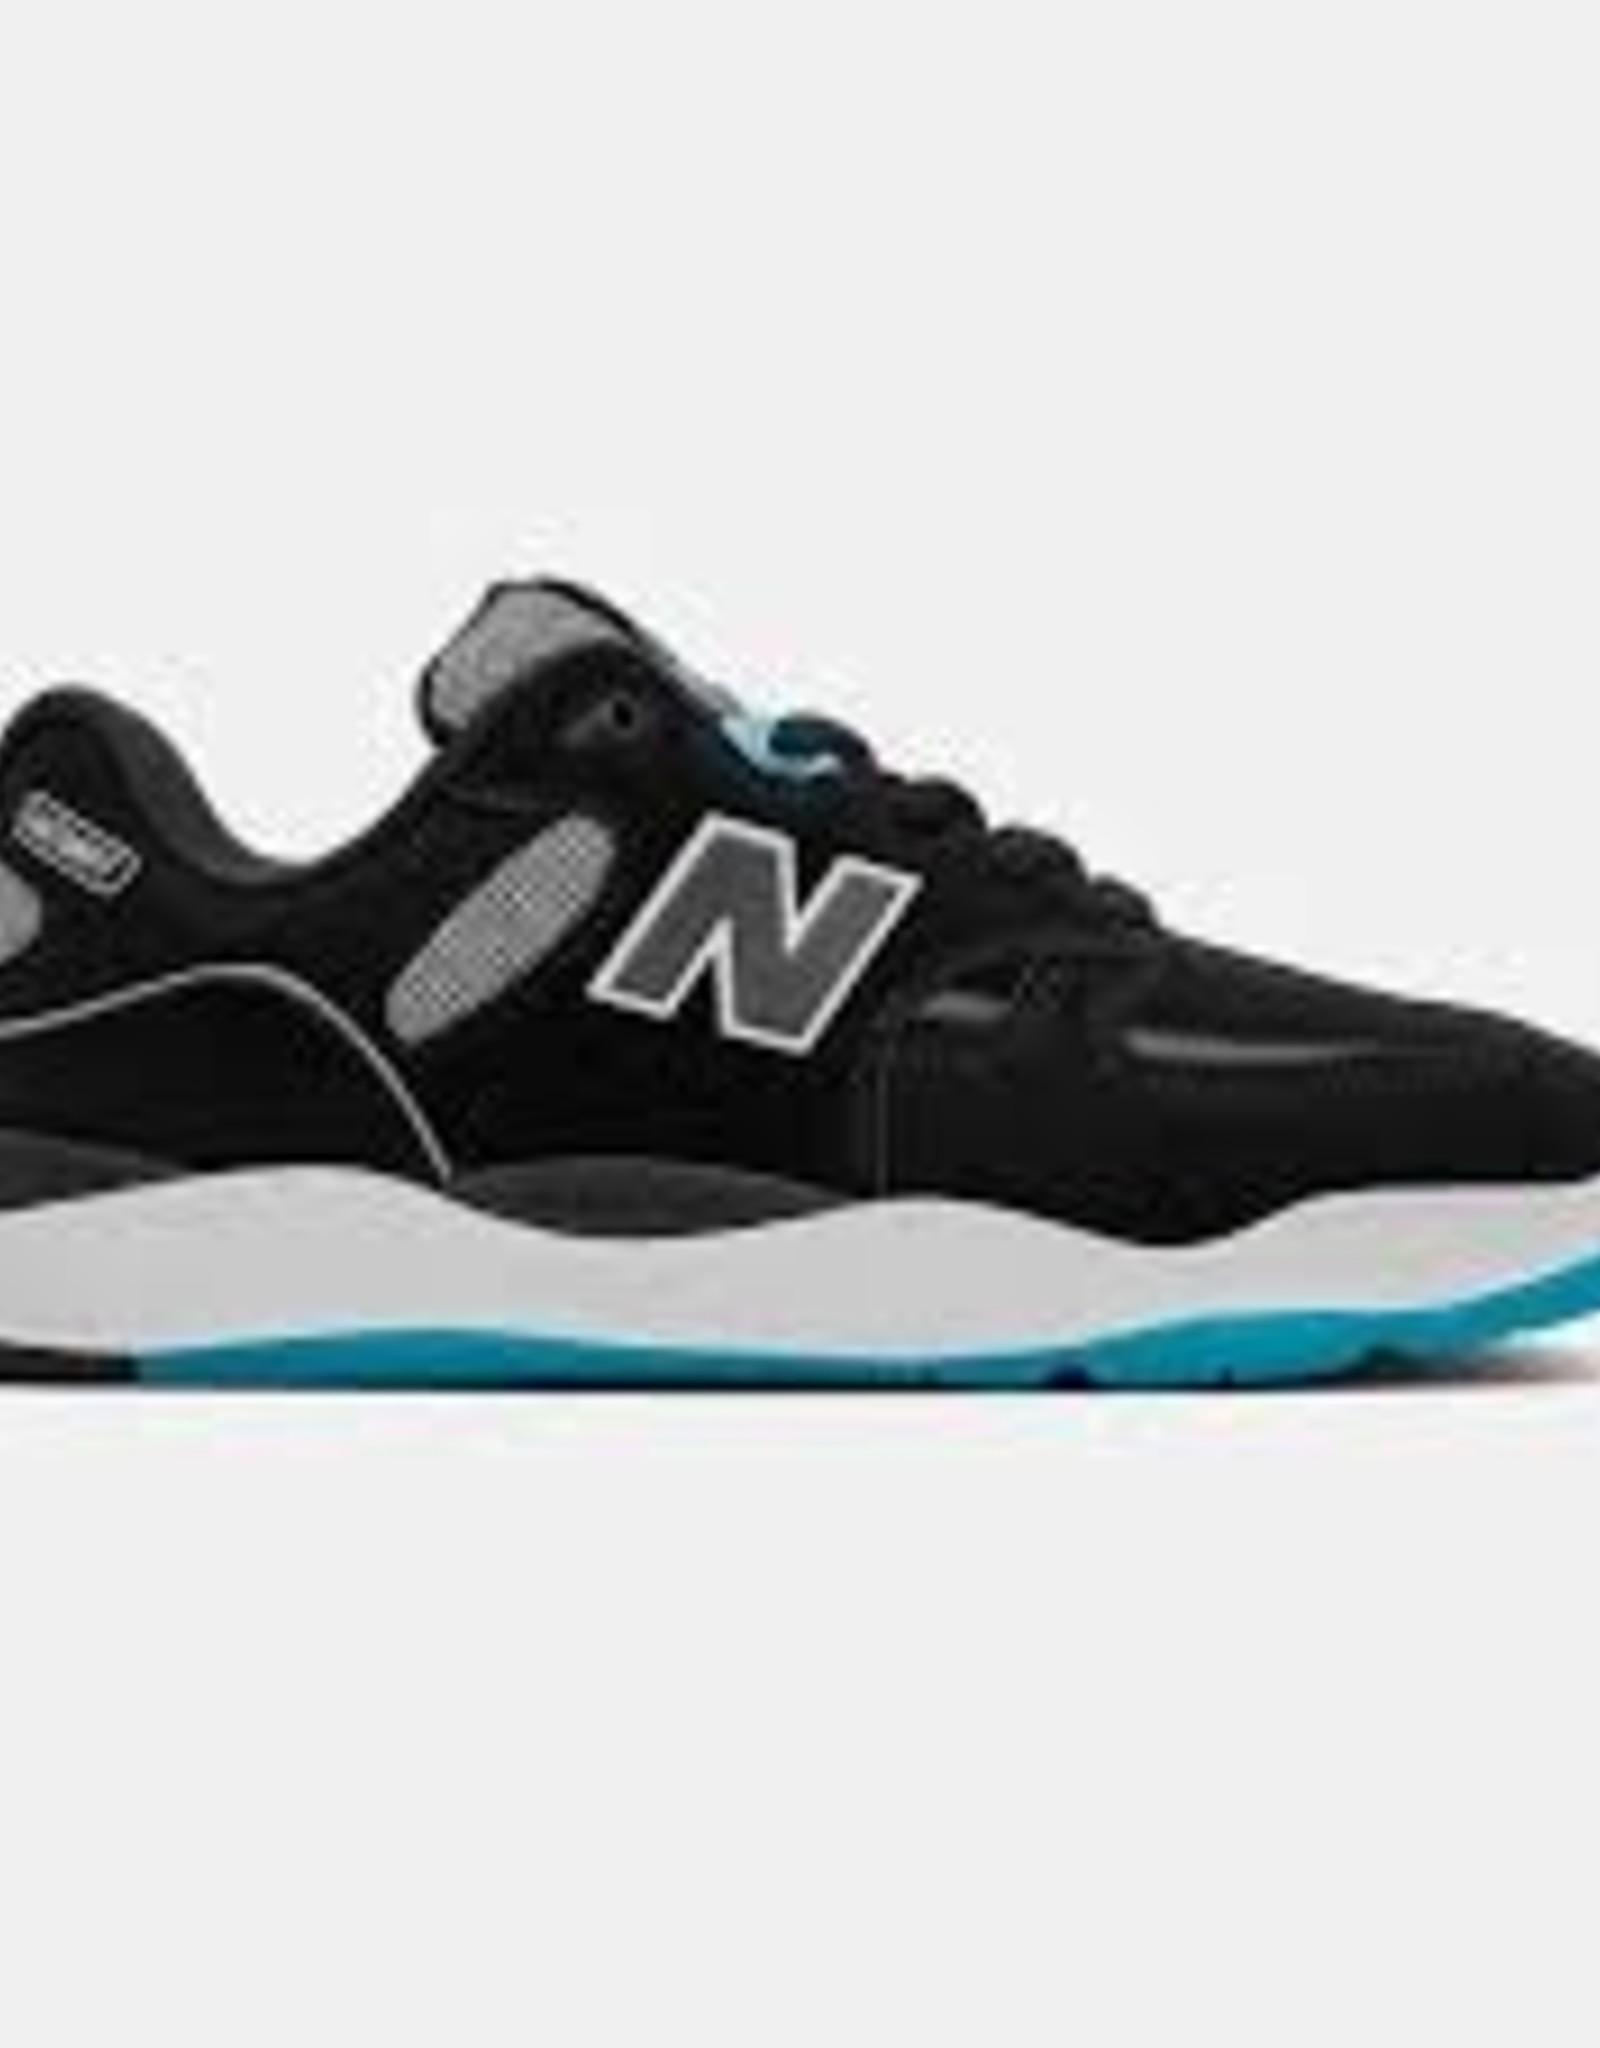 New Balance NB NUMERIC 1010 TIAGO BLACK/TURQ